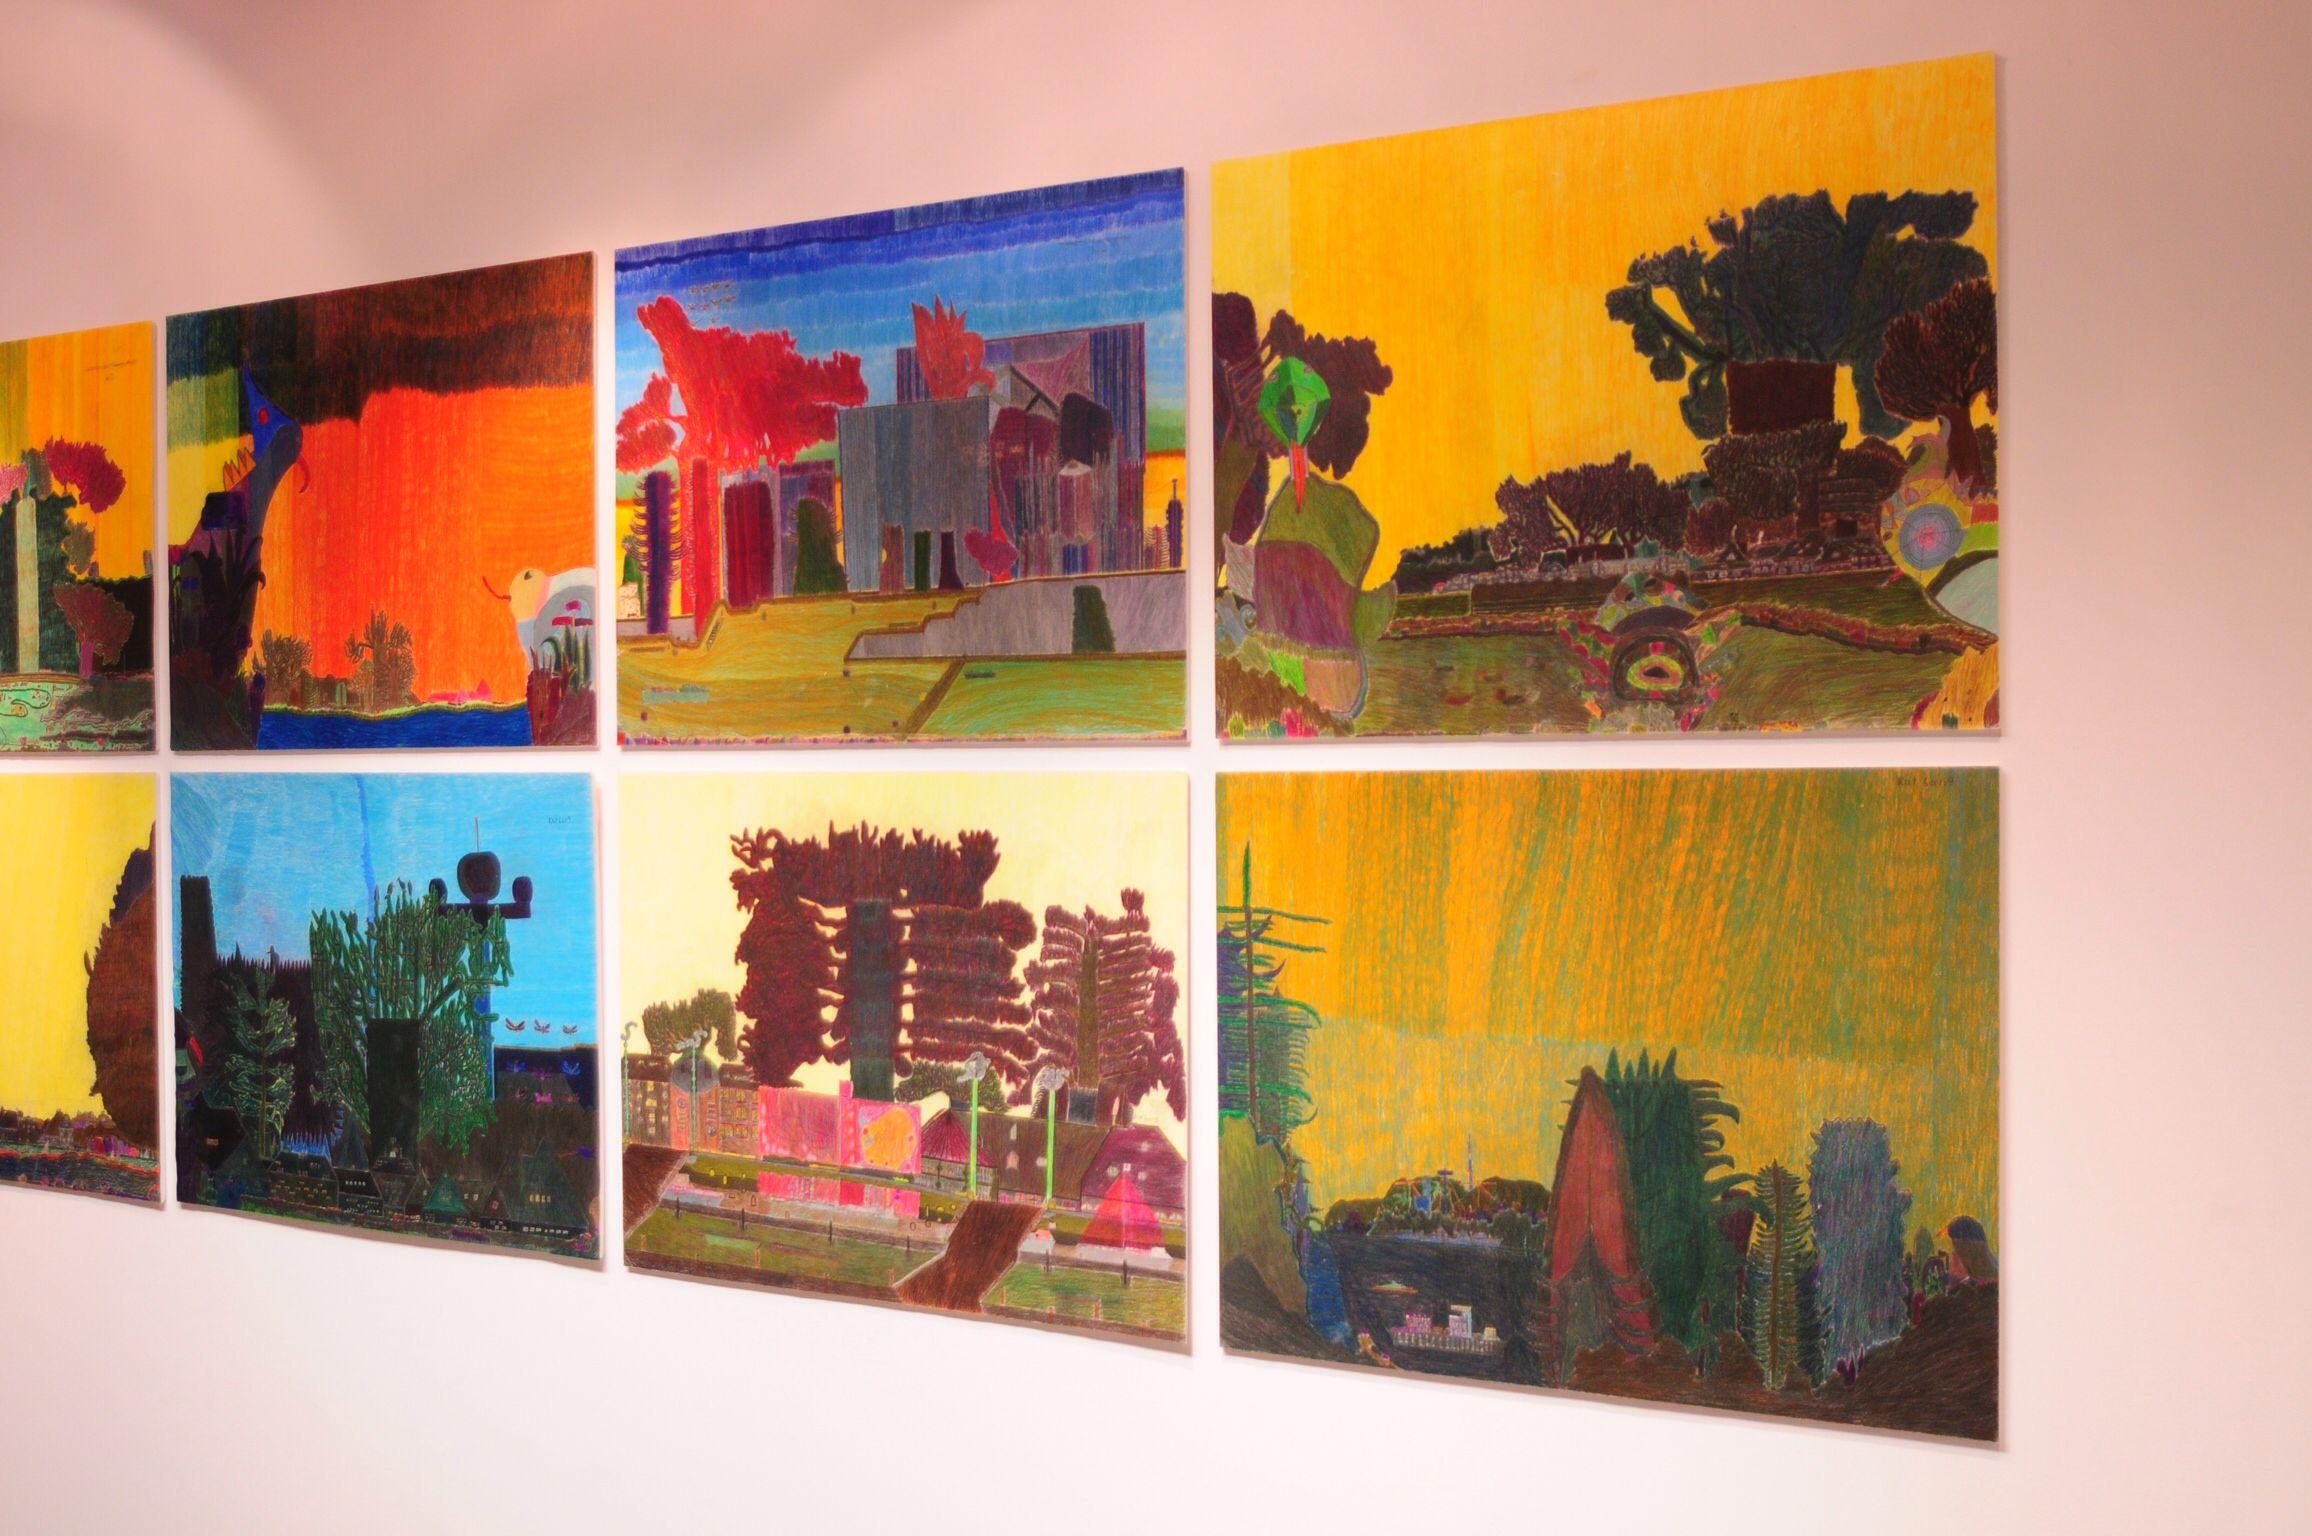 Kleurpotloodtekeningen van Karhang Mui, atelier De Kaai, Goes, nu te zien op de Hogeschool HAN in Nijmegen.